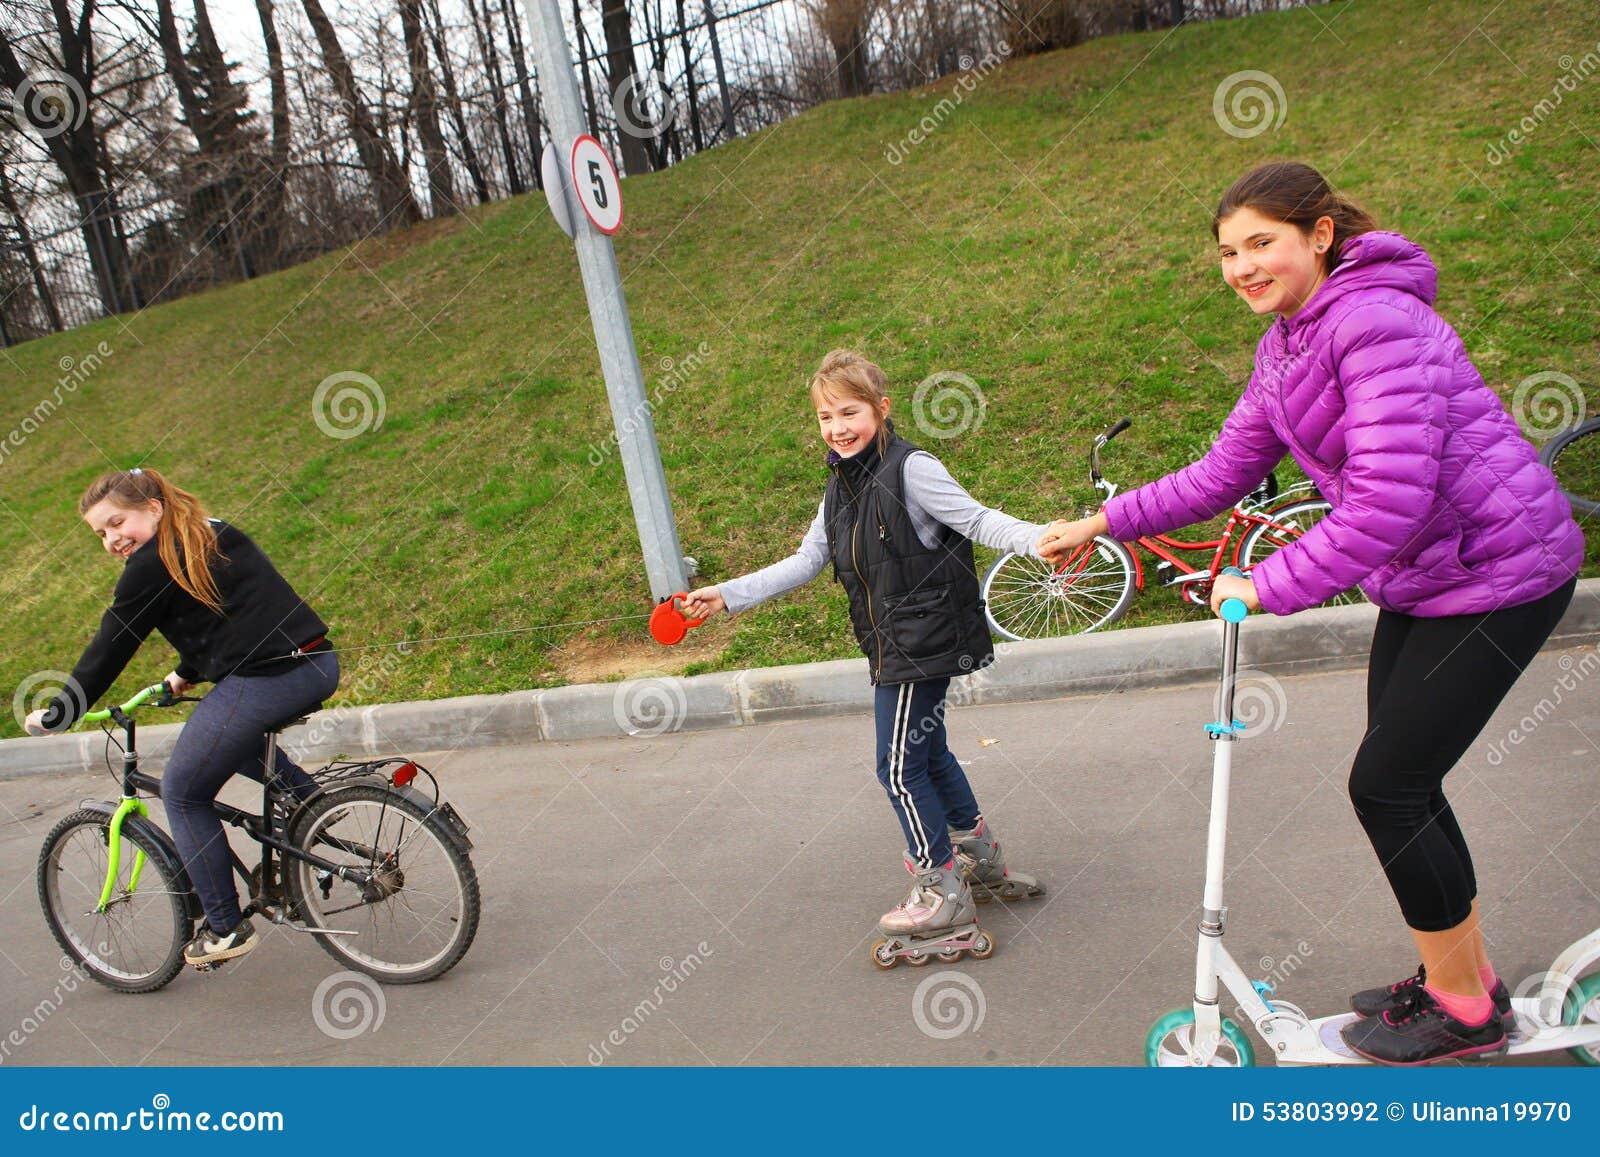 Szczęśliwej dziewczyna przyjaciela przejażdżki rolkowe łyżwy hulajnoga i bicykl na holowniczym